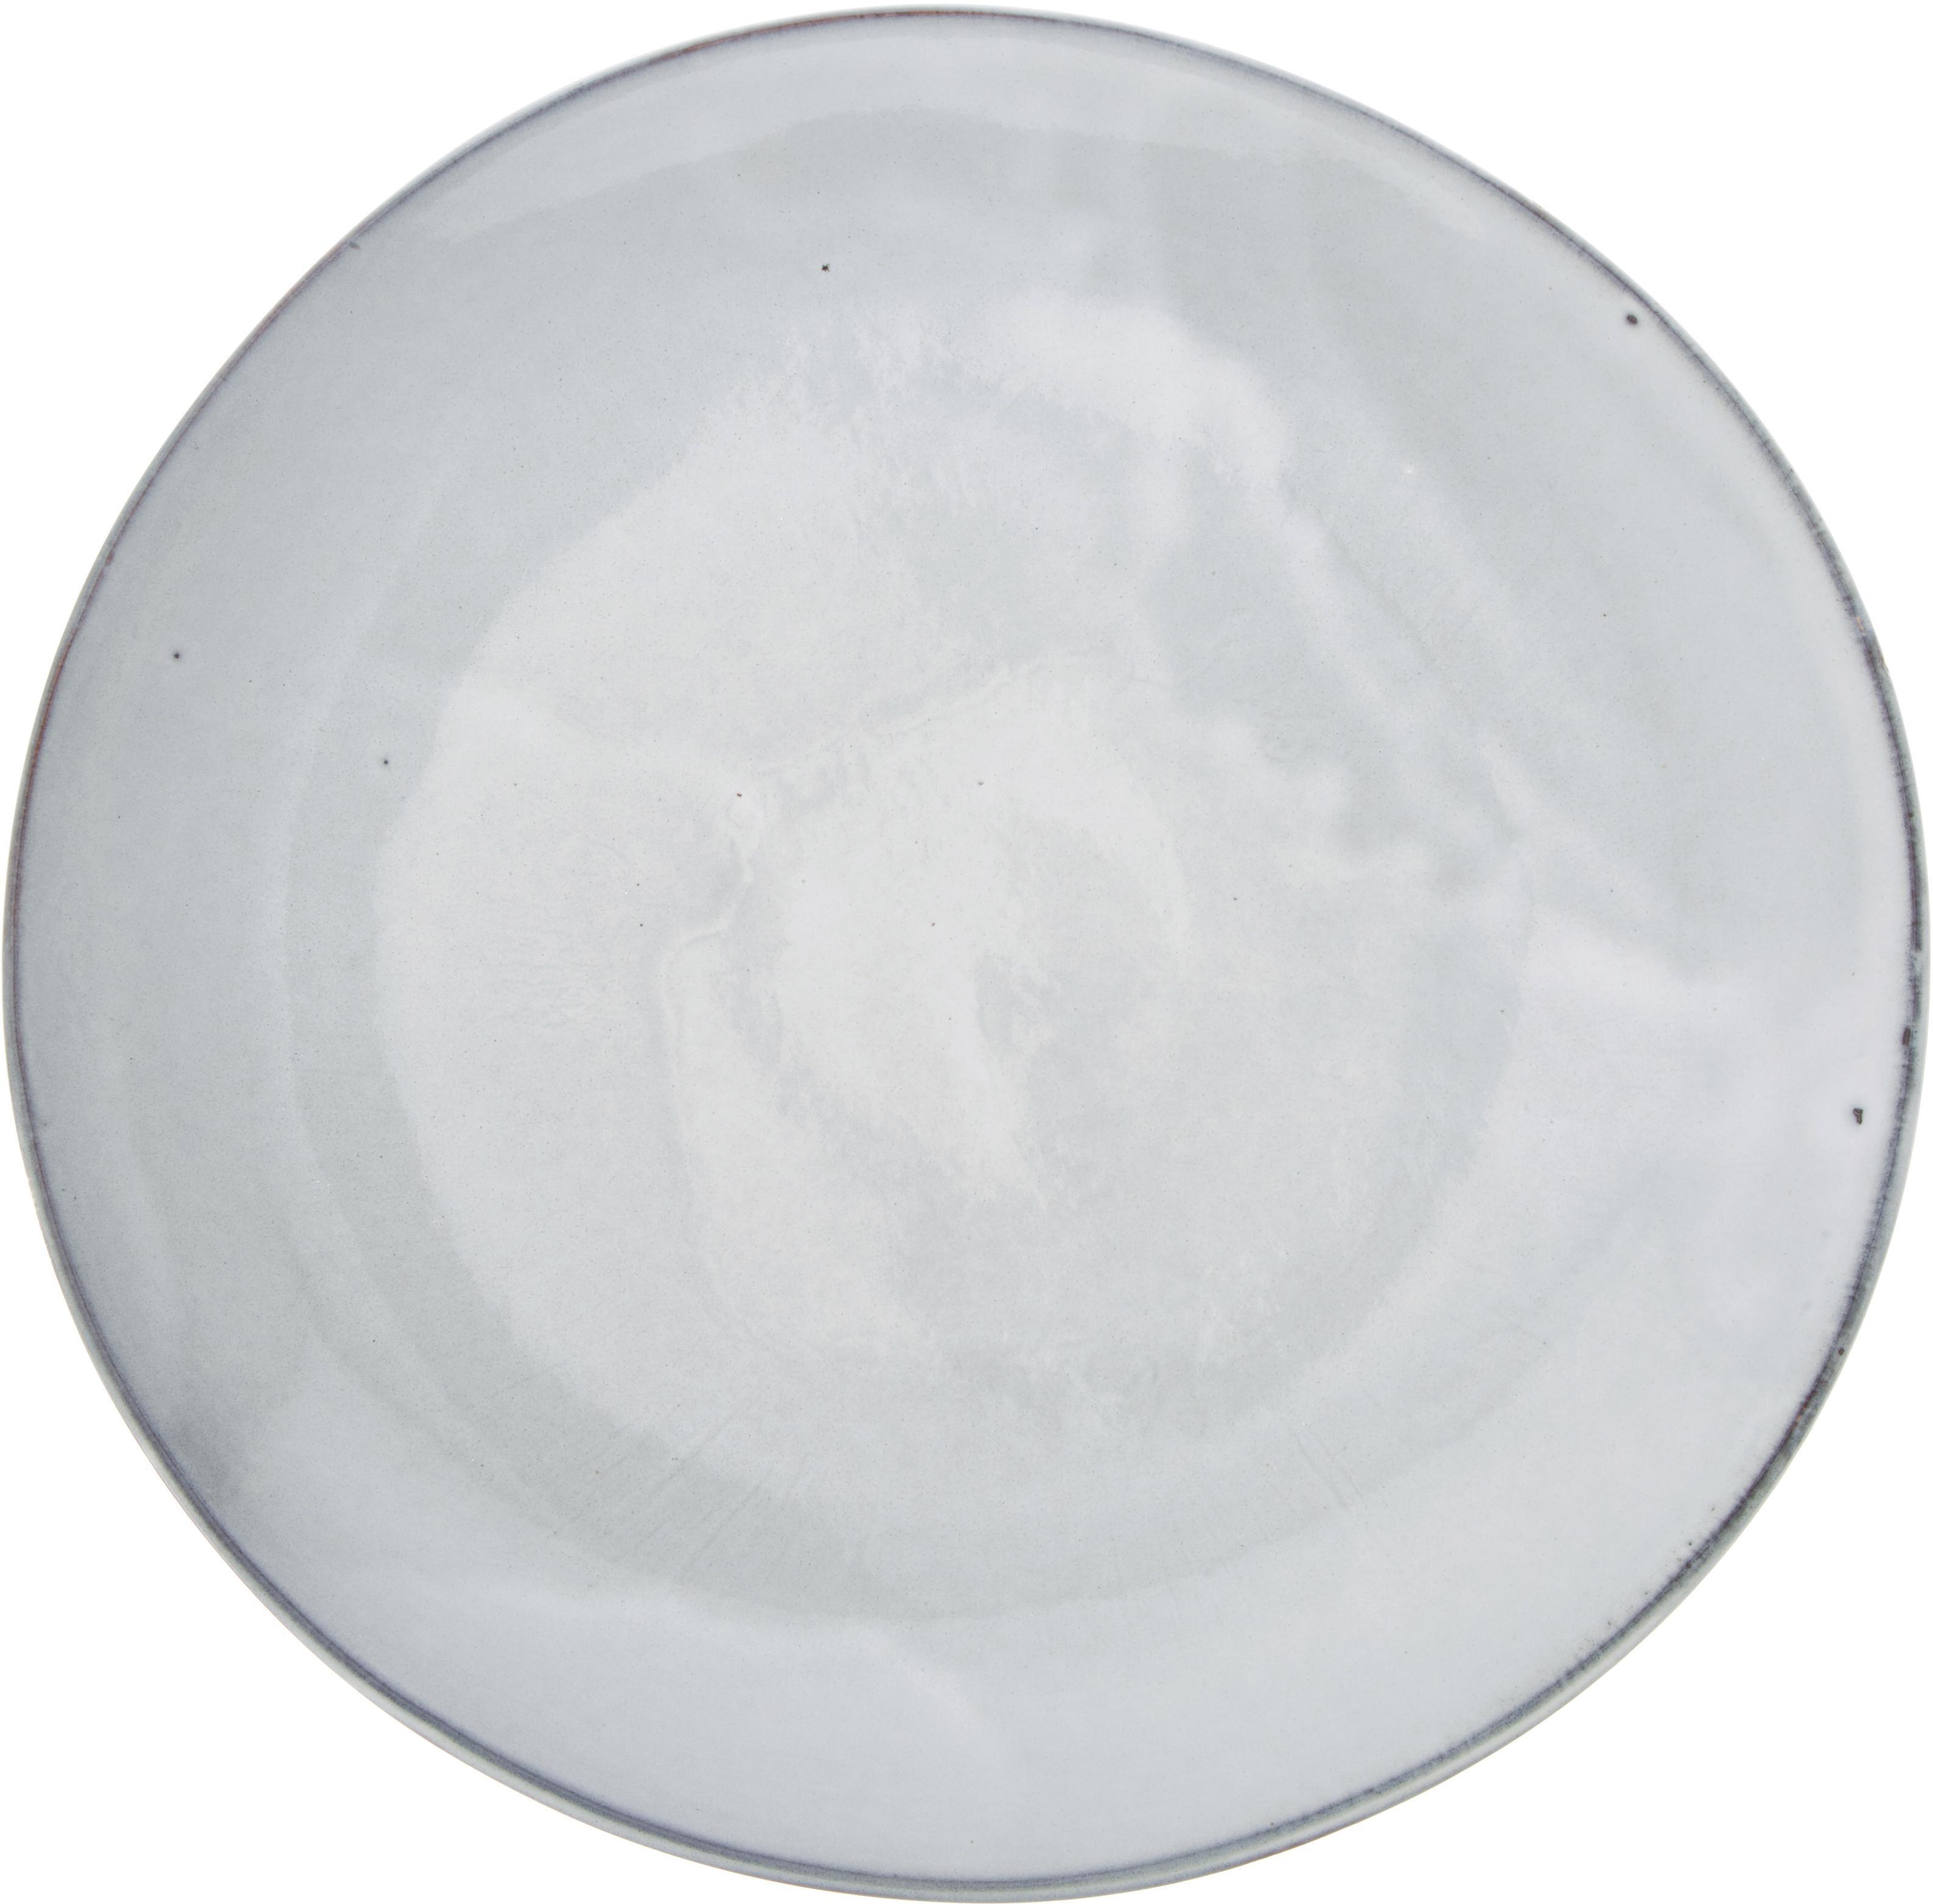 Handgemaakte dinerborden Thalia, 2 stuks, Keramiek, Grijs met donkere rand, Ø 27 cm